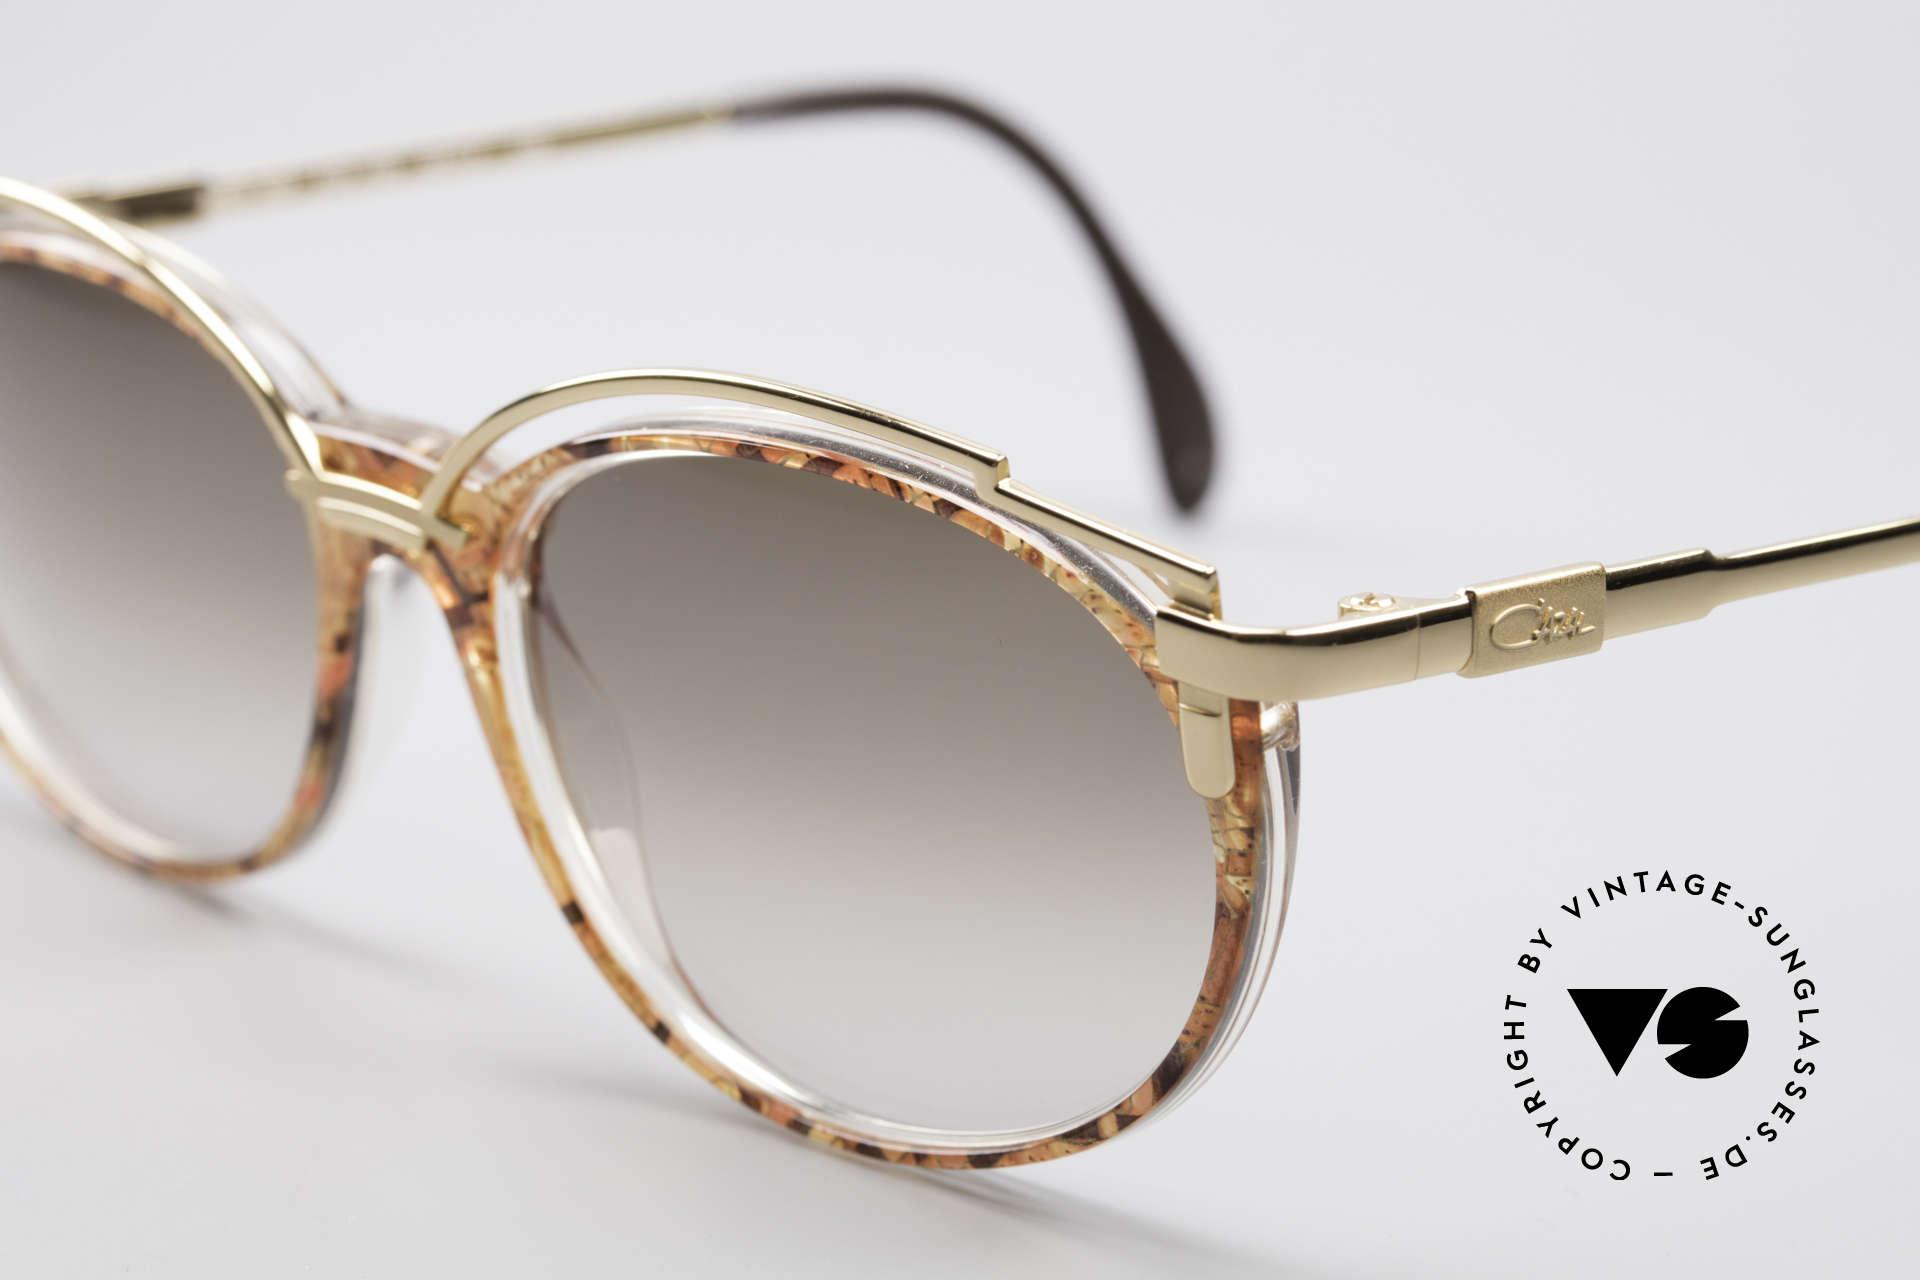 Cazal 358 90er Damen Sonnenbrille Vintage, grandioses Rahmenmuster in 'kupfergold mosaik'/gold, Passend für Damen